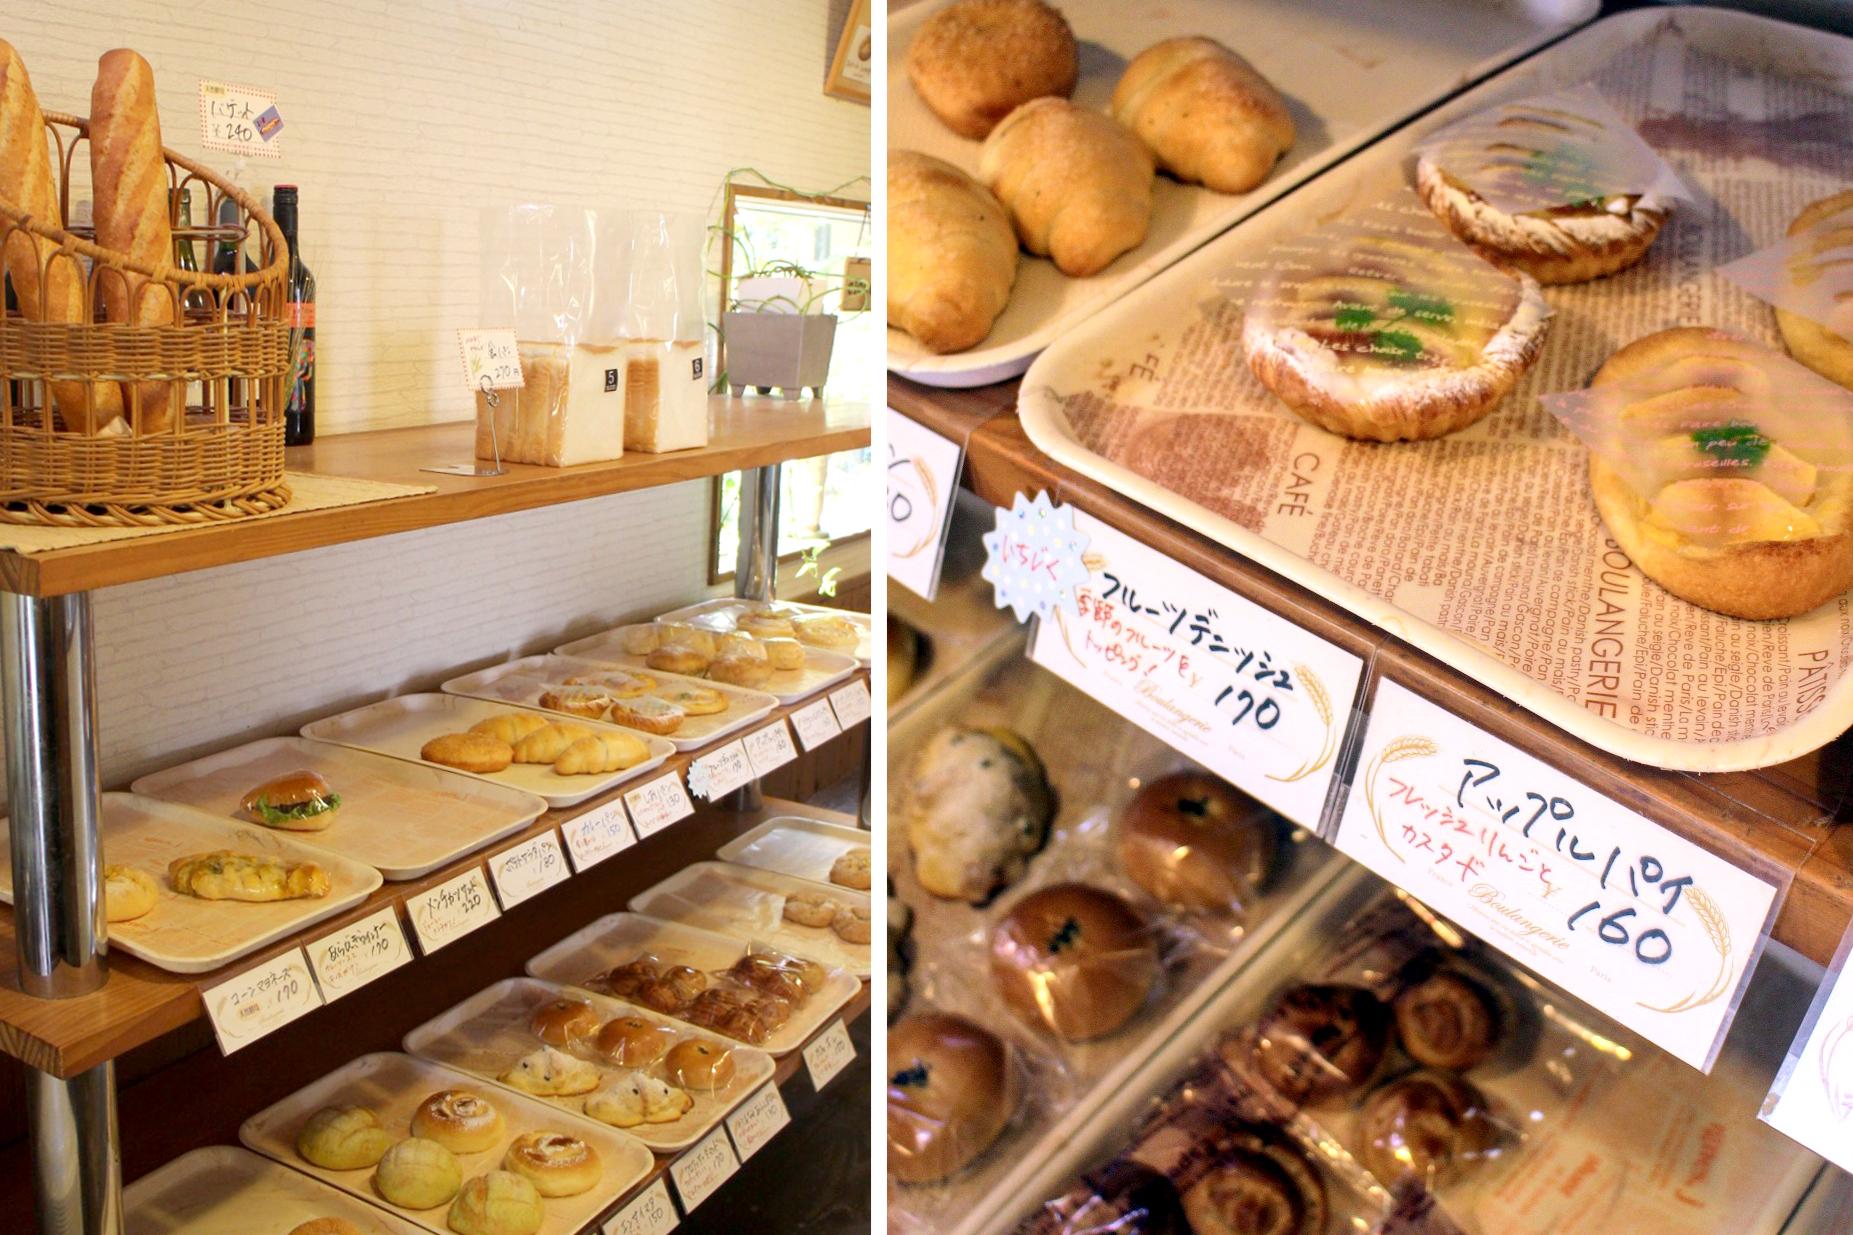 種類豊富な手作りパン「Pain de Seigle」